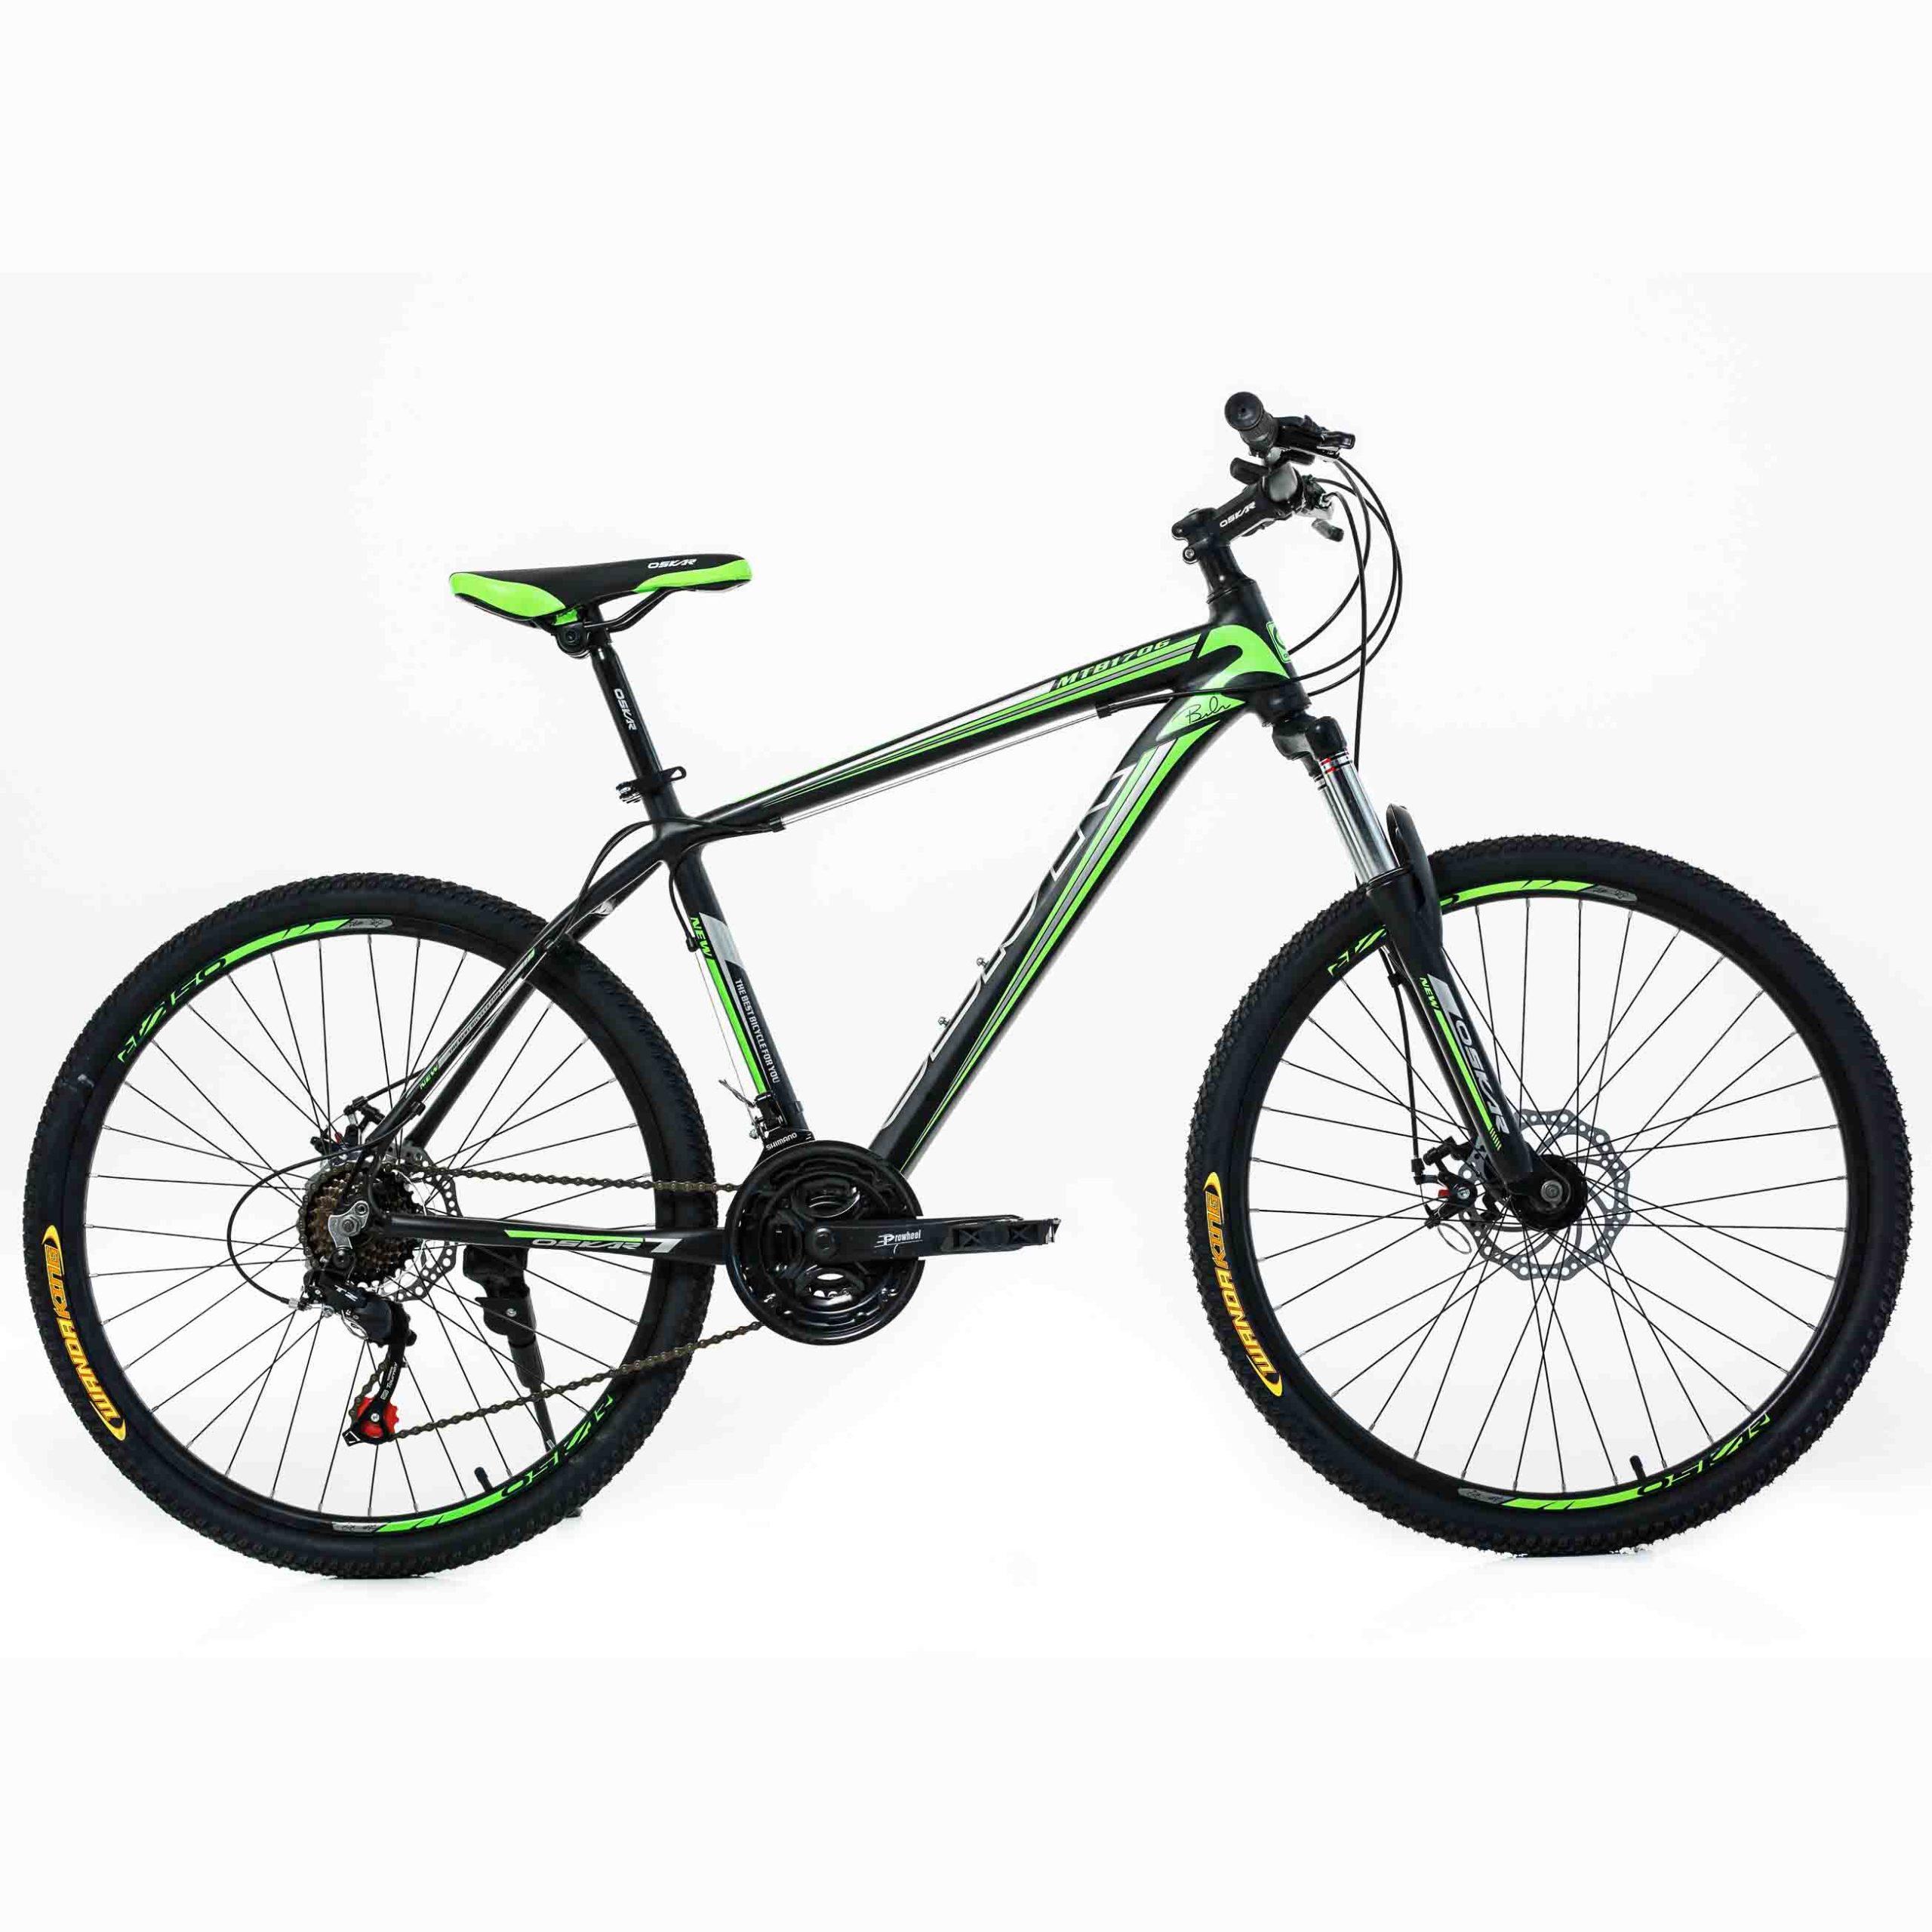 Фото Горный Велосипед Oskar 1706 26 черно-зеленый